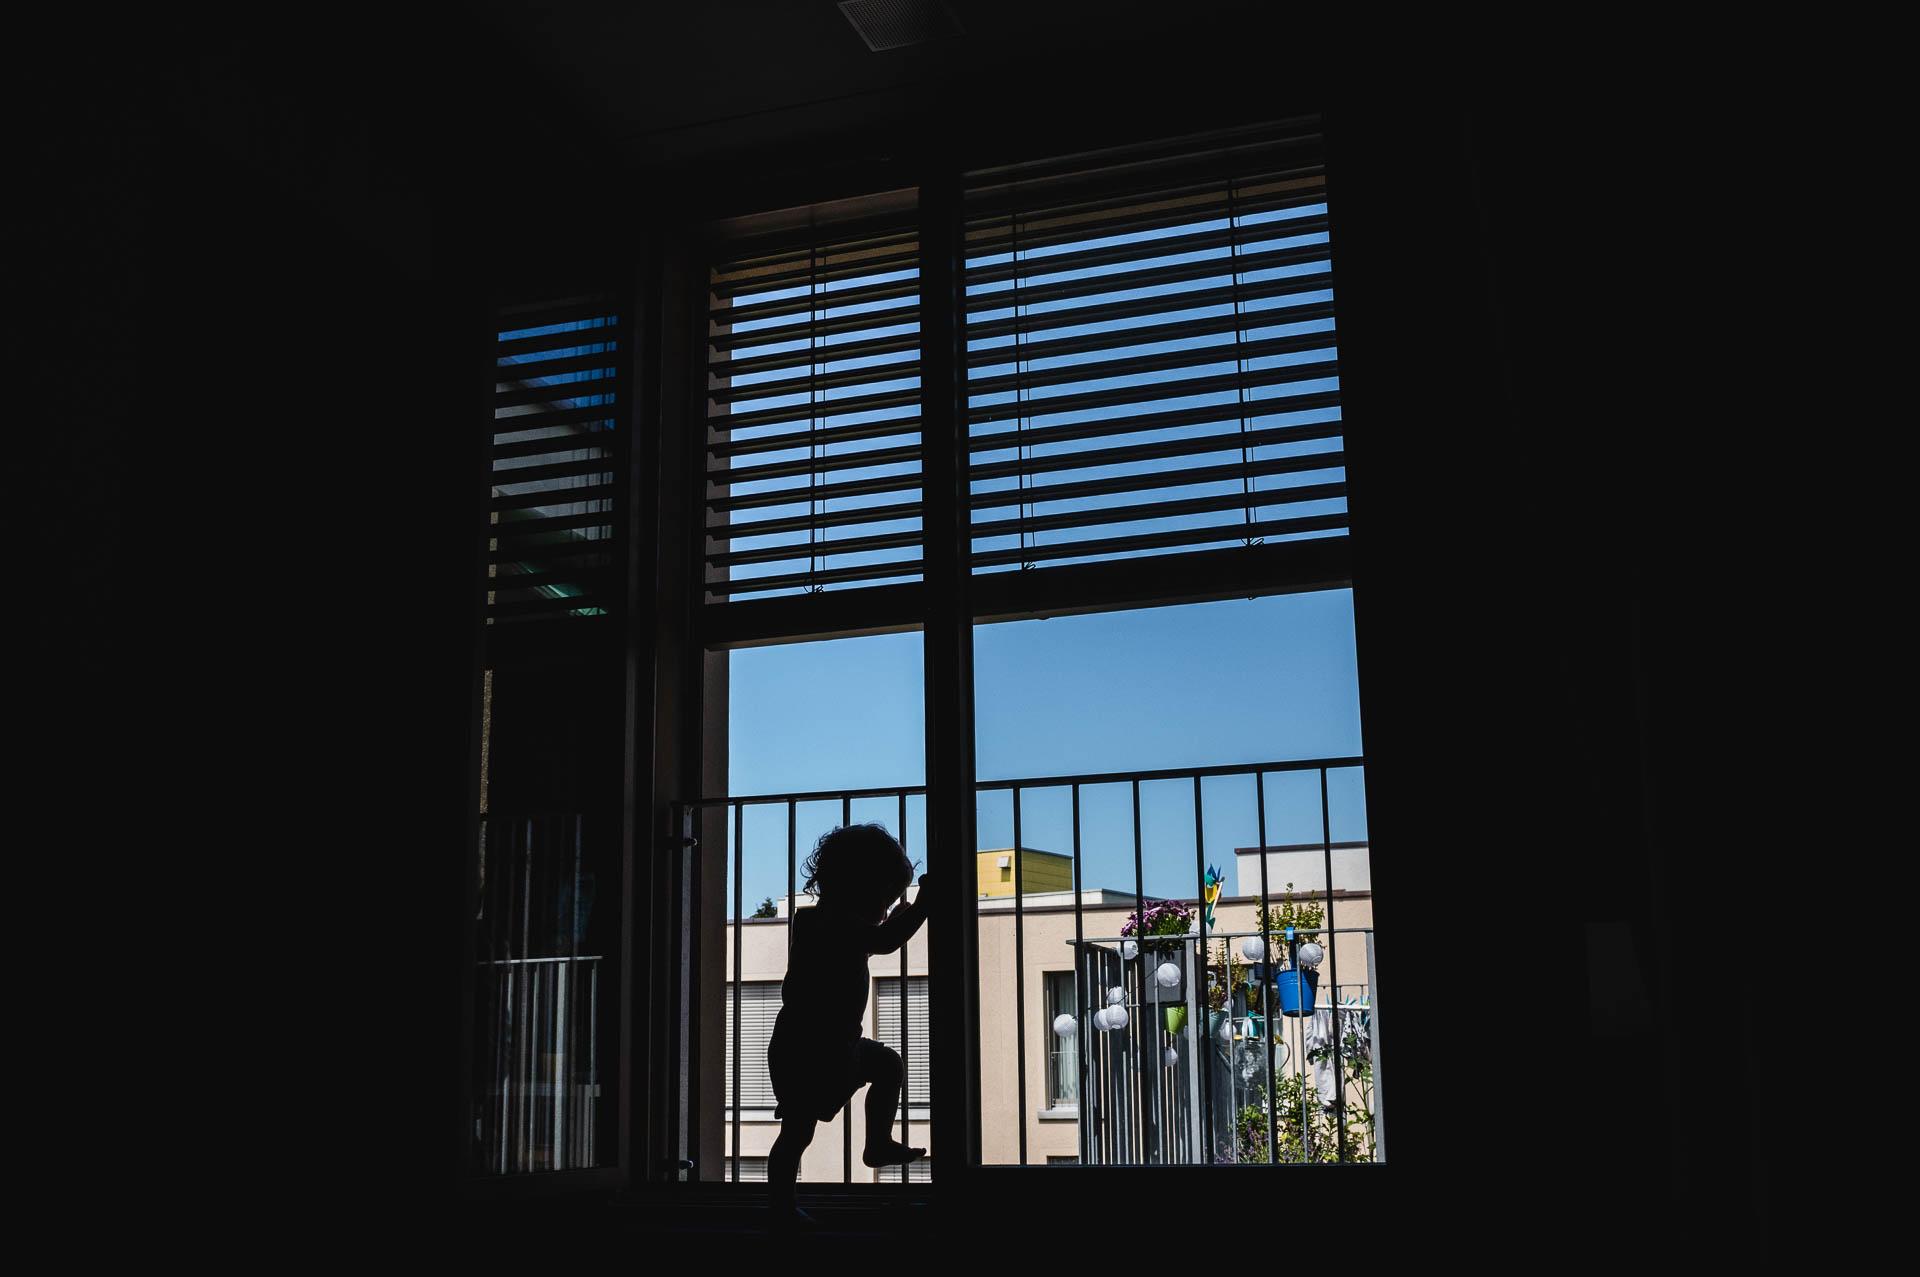 Silhouette eines Kleinkindes auf dem Balkonfenster mit Hochhaus im Hintergrund